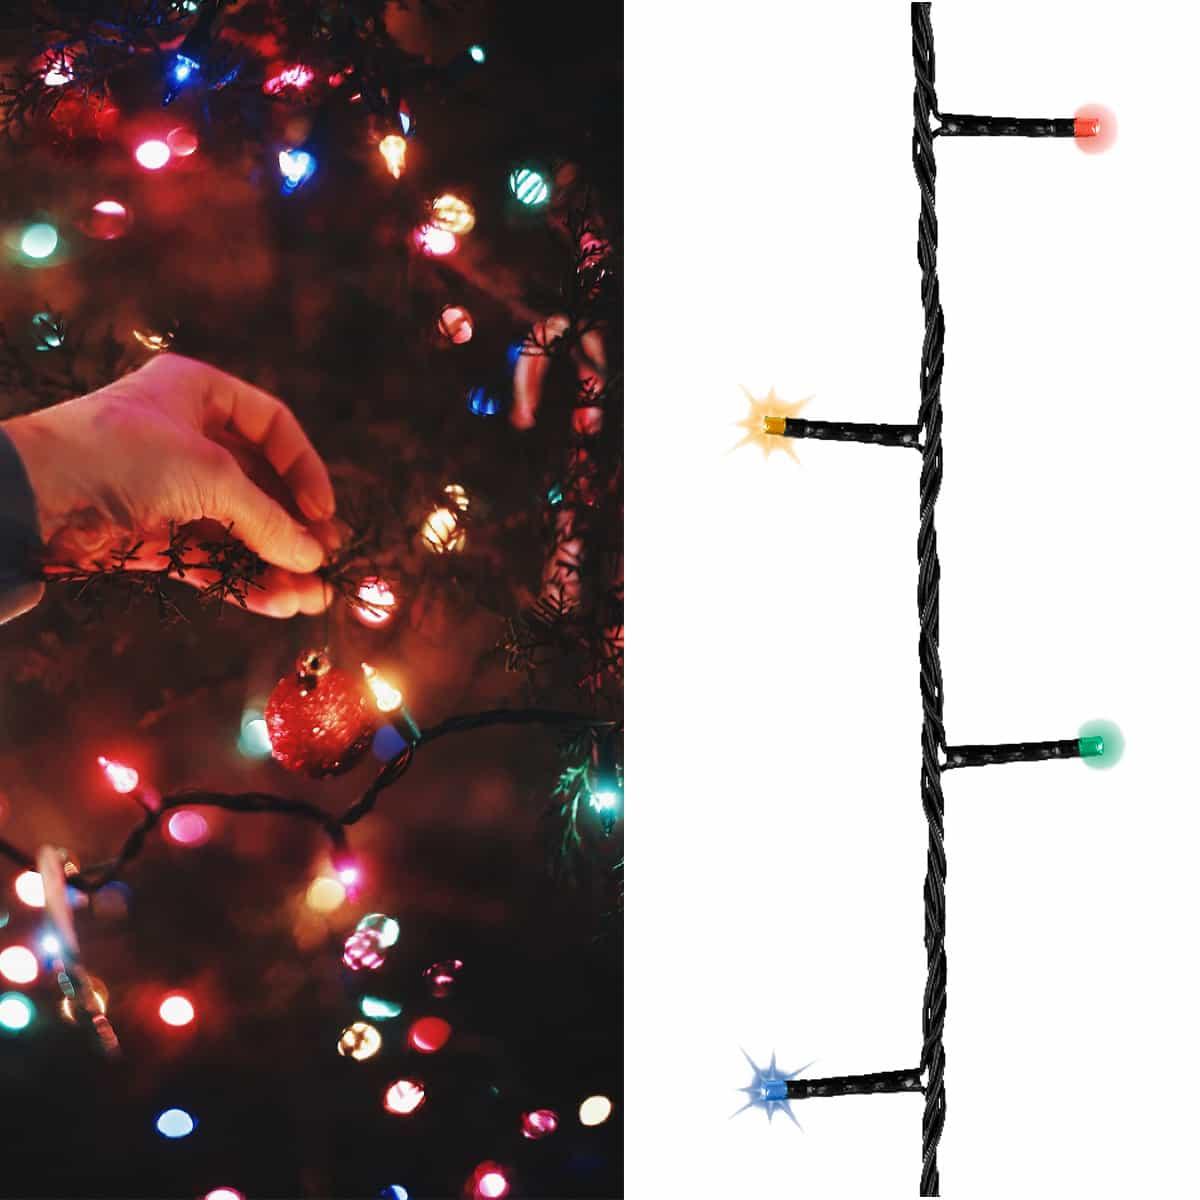 Idee Deco Guirlande Exterieur guirlande lumineuse extérieure clignotante - 8 fonctions 192 leds